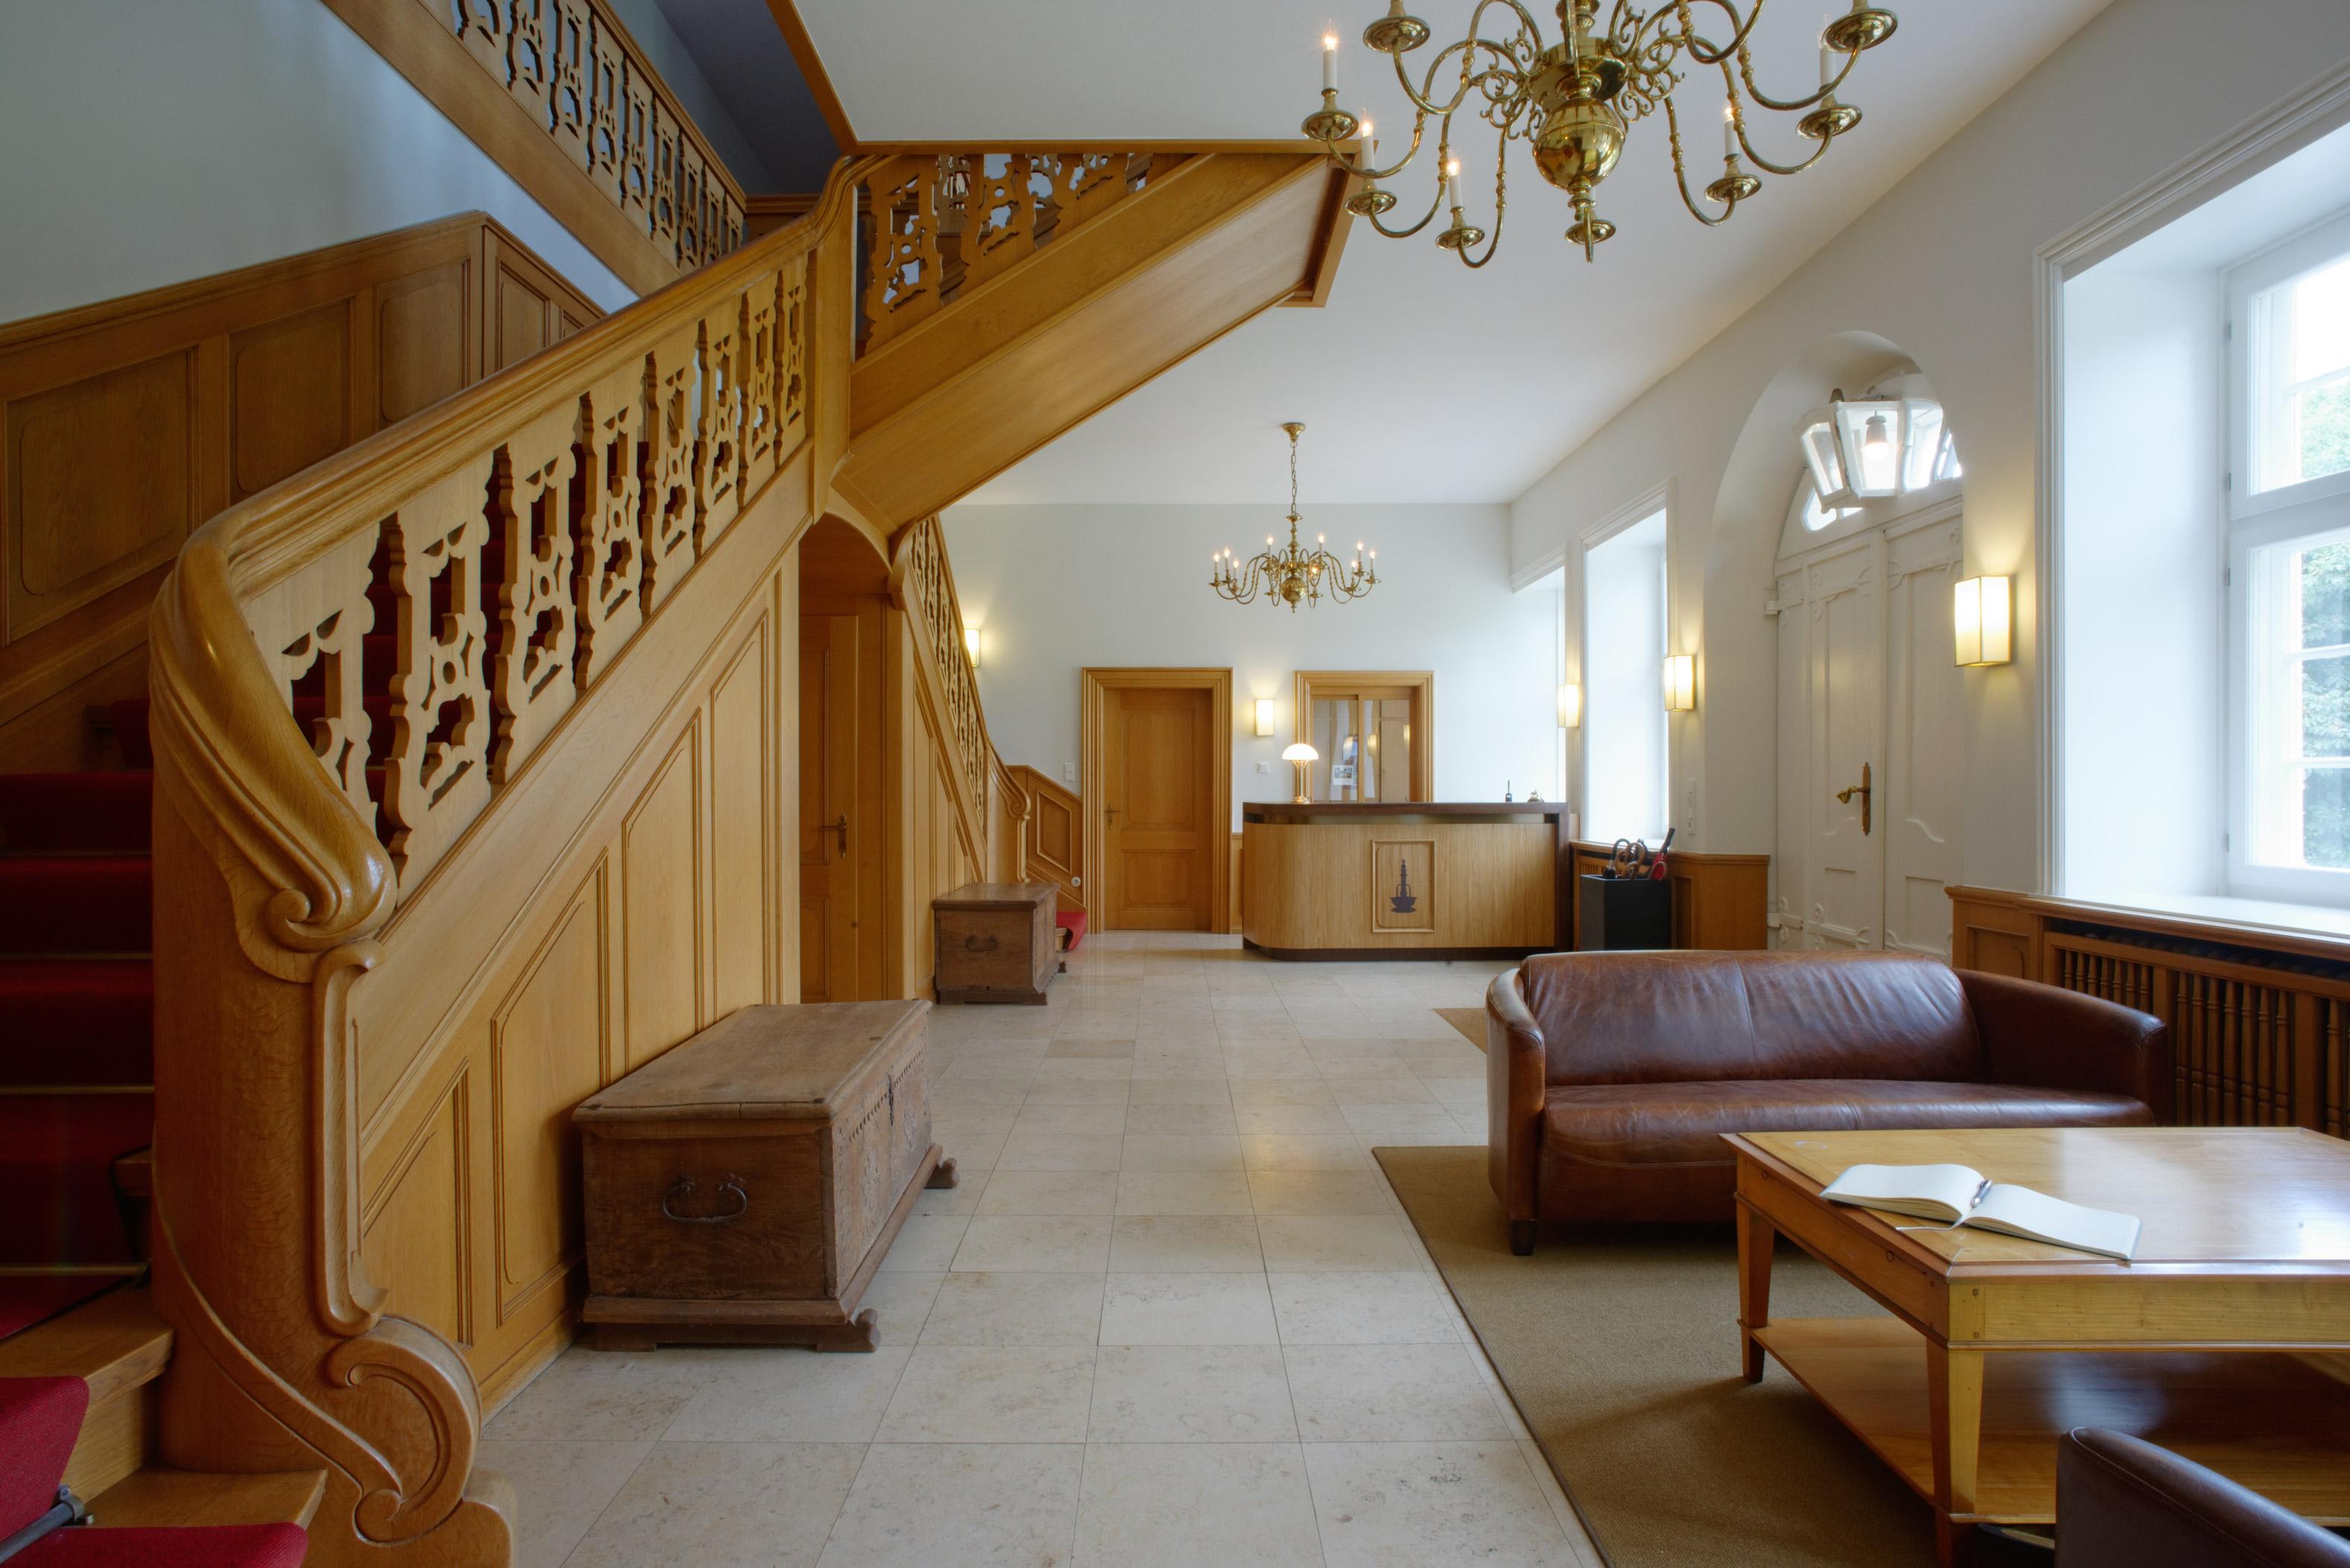 Herrenhaus Möbel kernsanierung herrenhaus gut siggen architektur möbel cattau